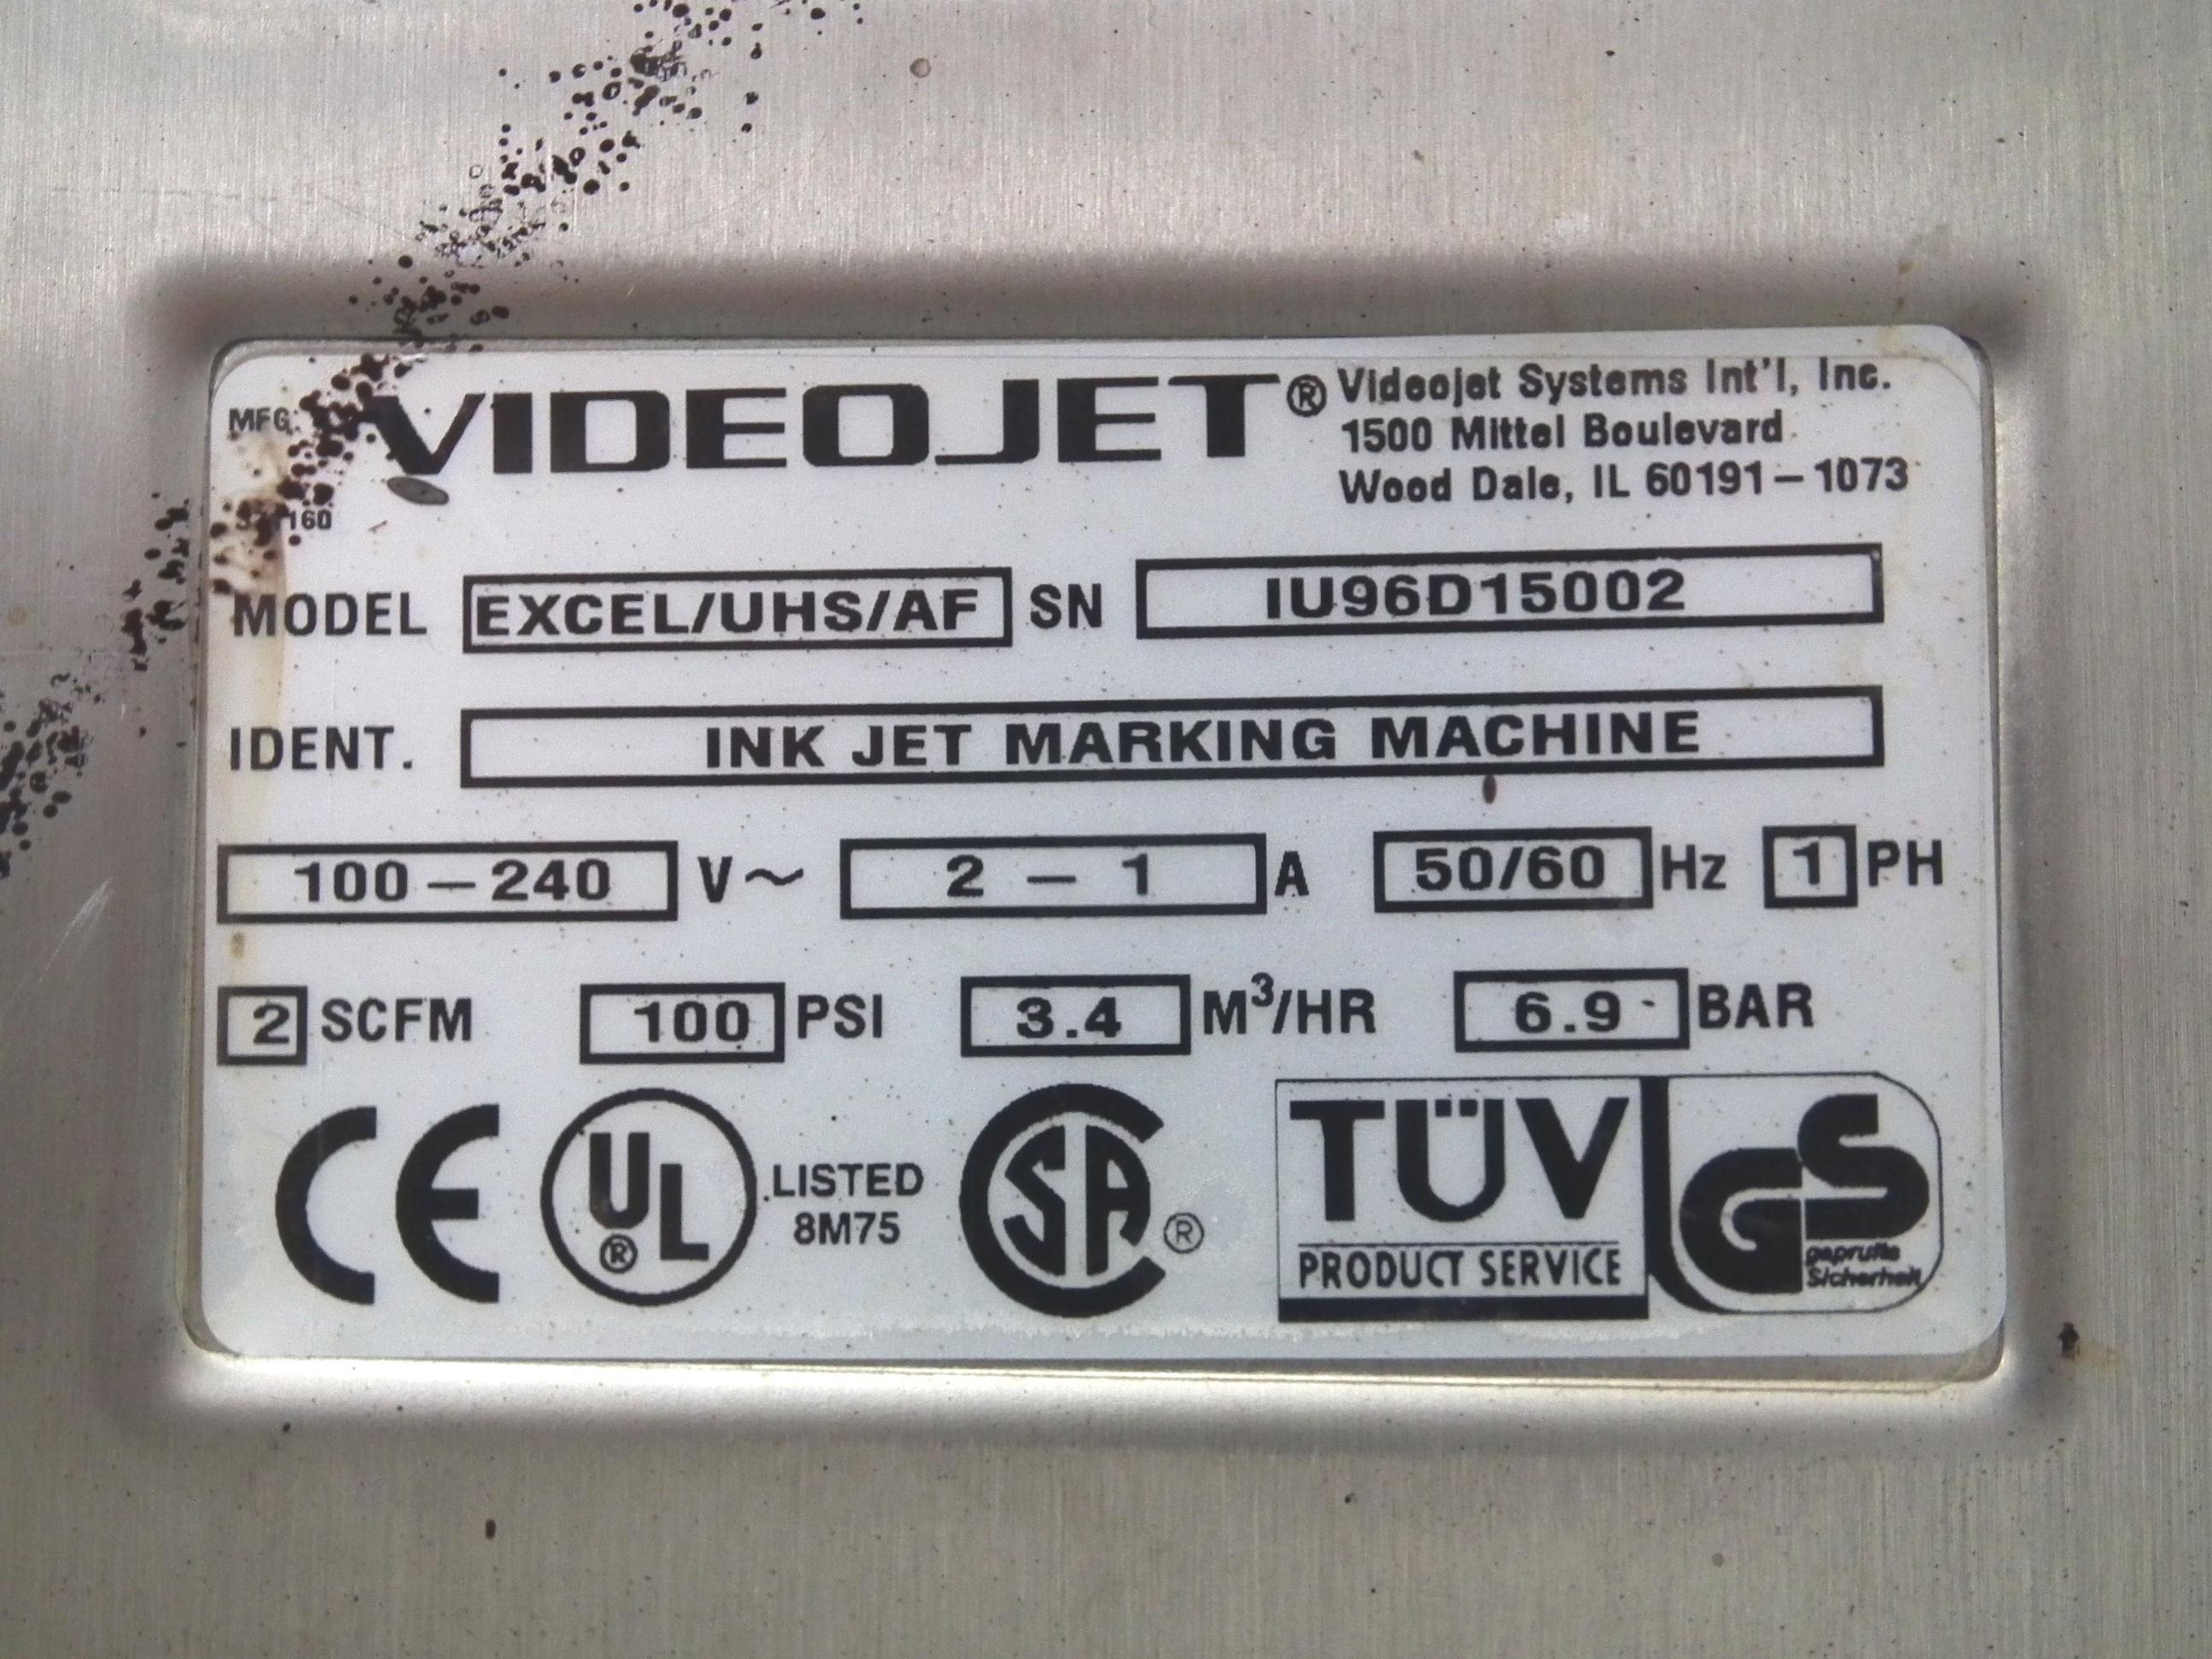 VideoJet Date Coder Excel AF Auto Flush Inkjet A6475 - Image 7 of 7